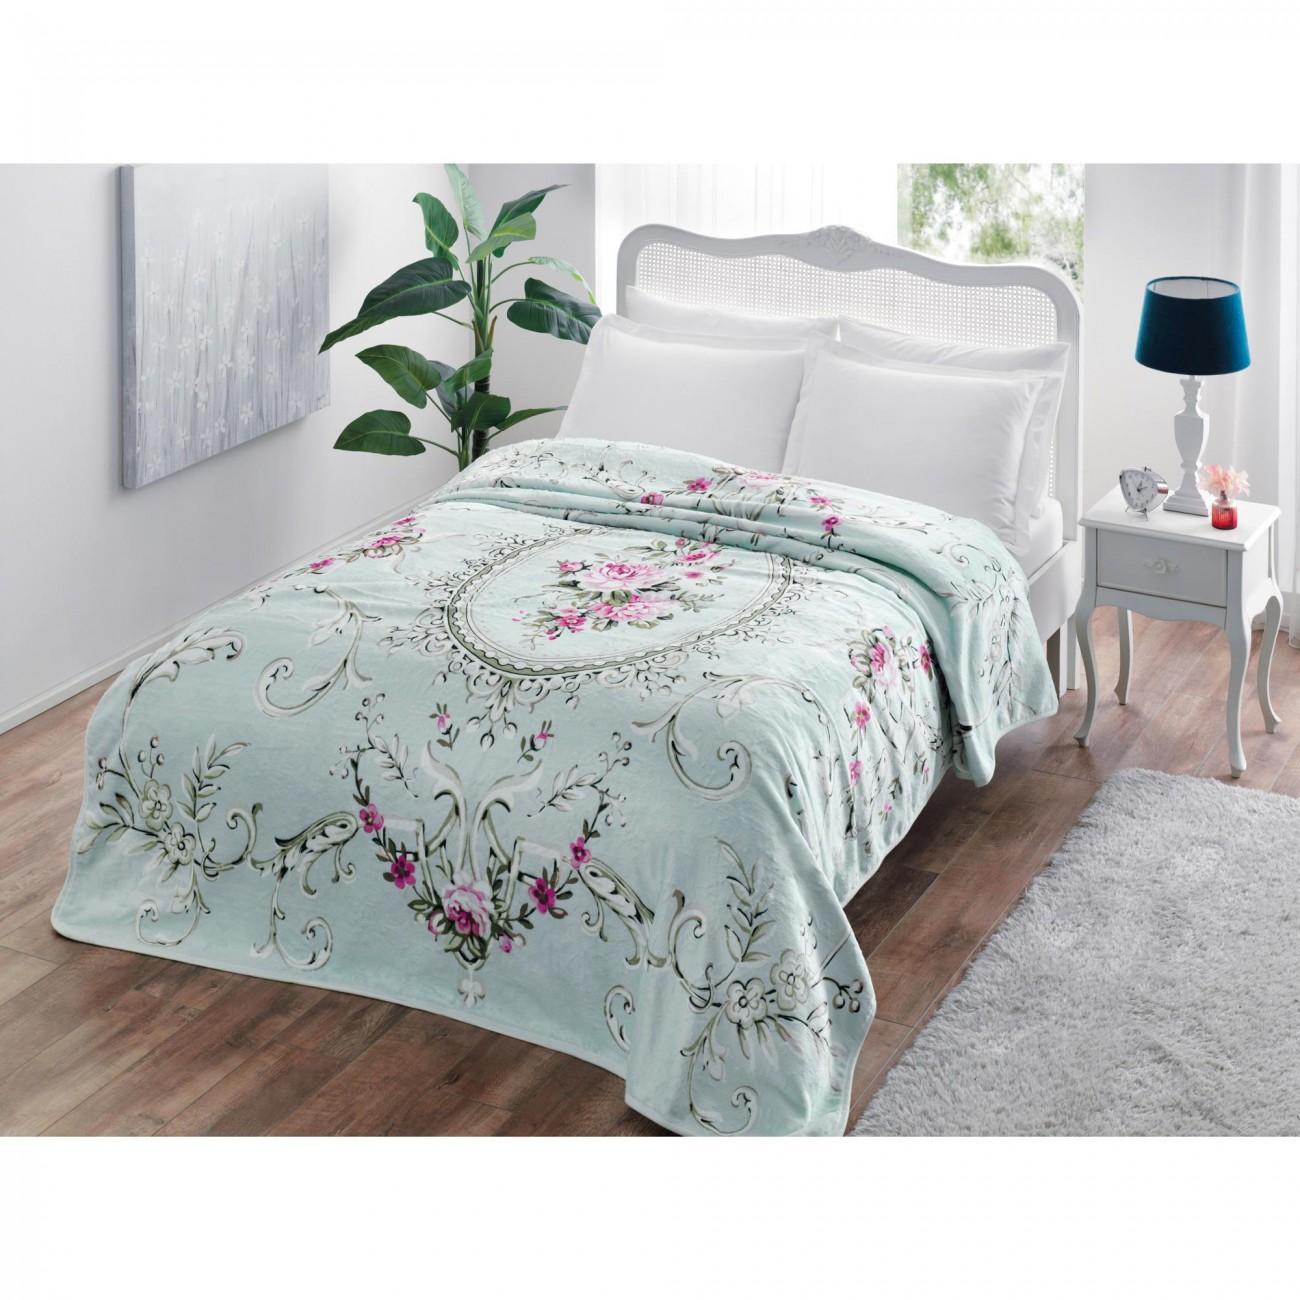 lama bettdecken weiches kopfkissen elegante schlafzimmer komplett fernseher ideen tapeten f r. Black Bedroom Furniture Sets. Home Design Ideas